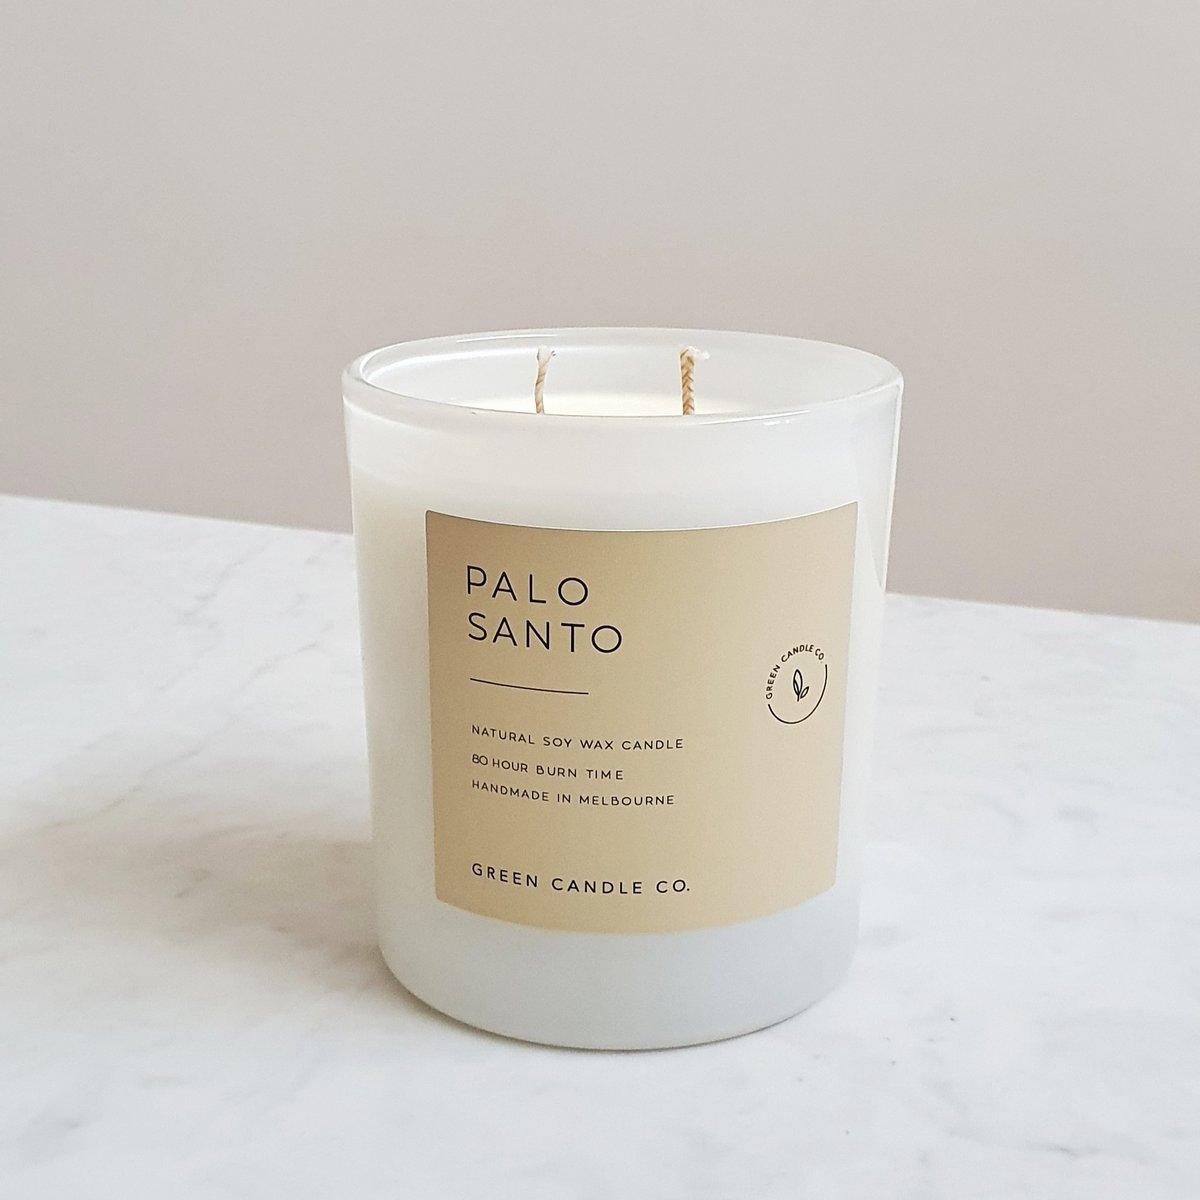 Image of PALO SANTO Candle / Large